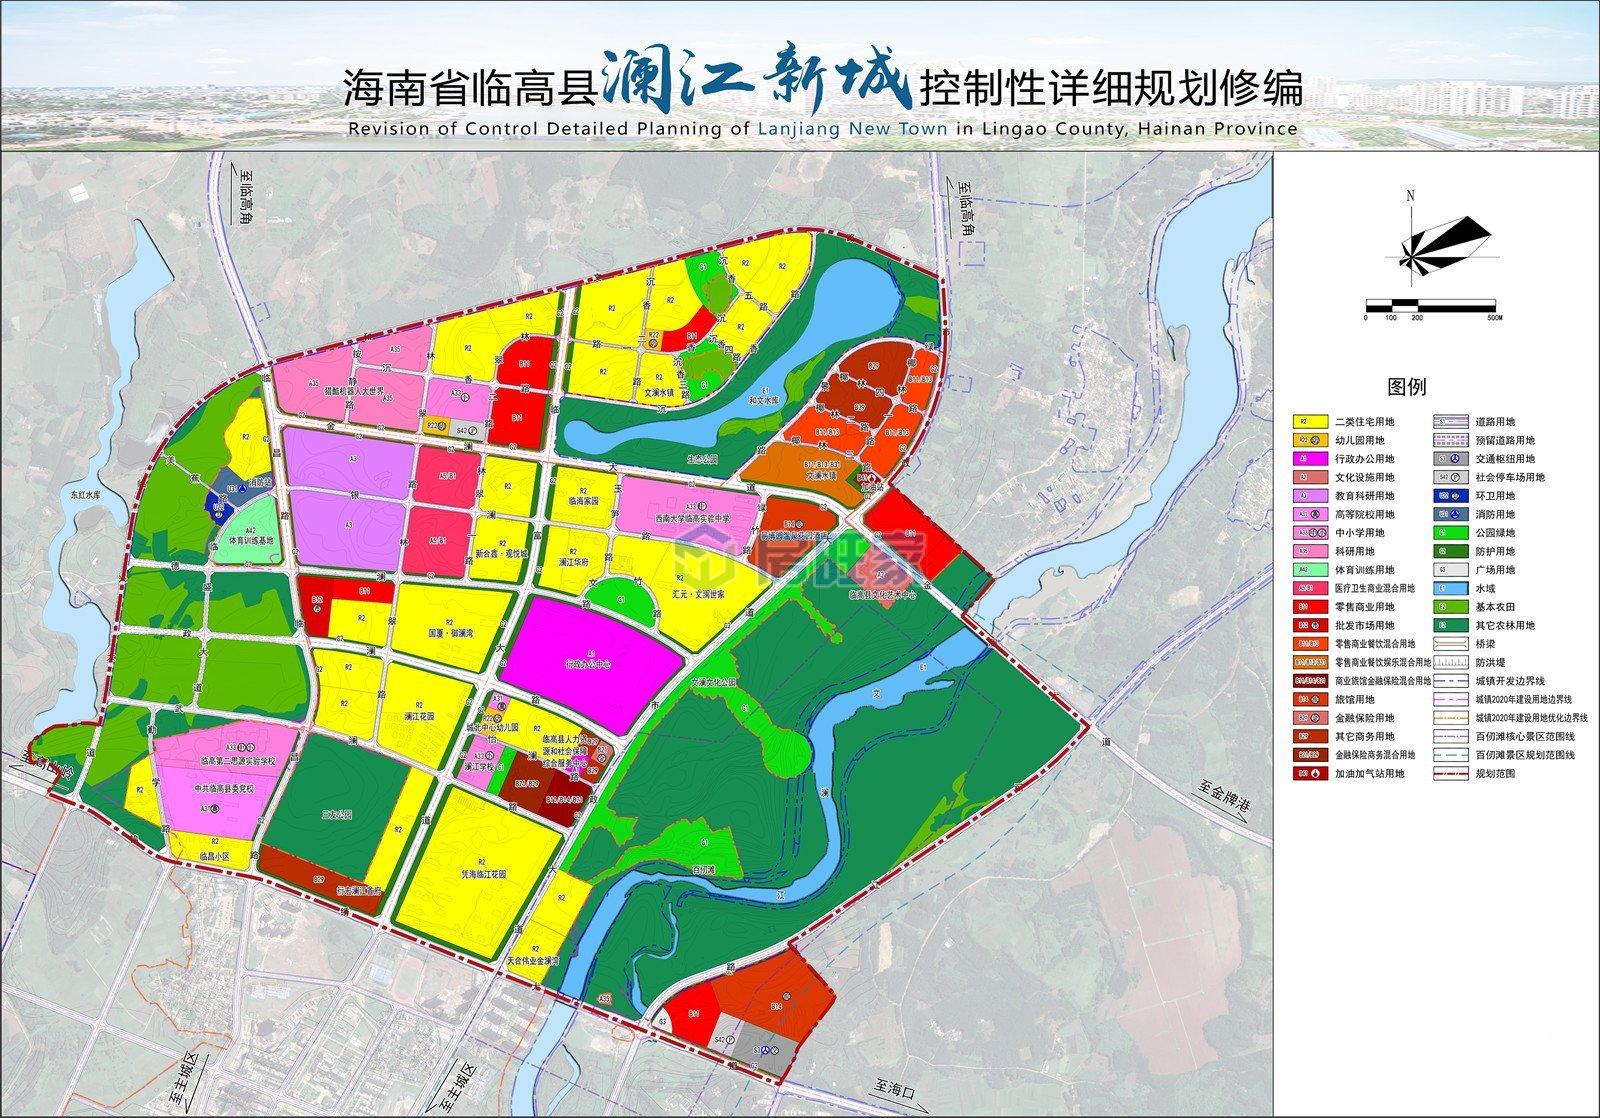 澜江新城土地使用规划图